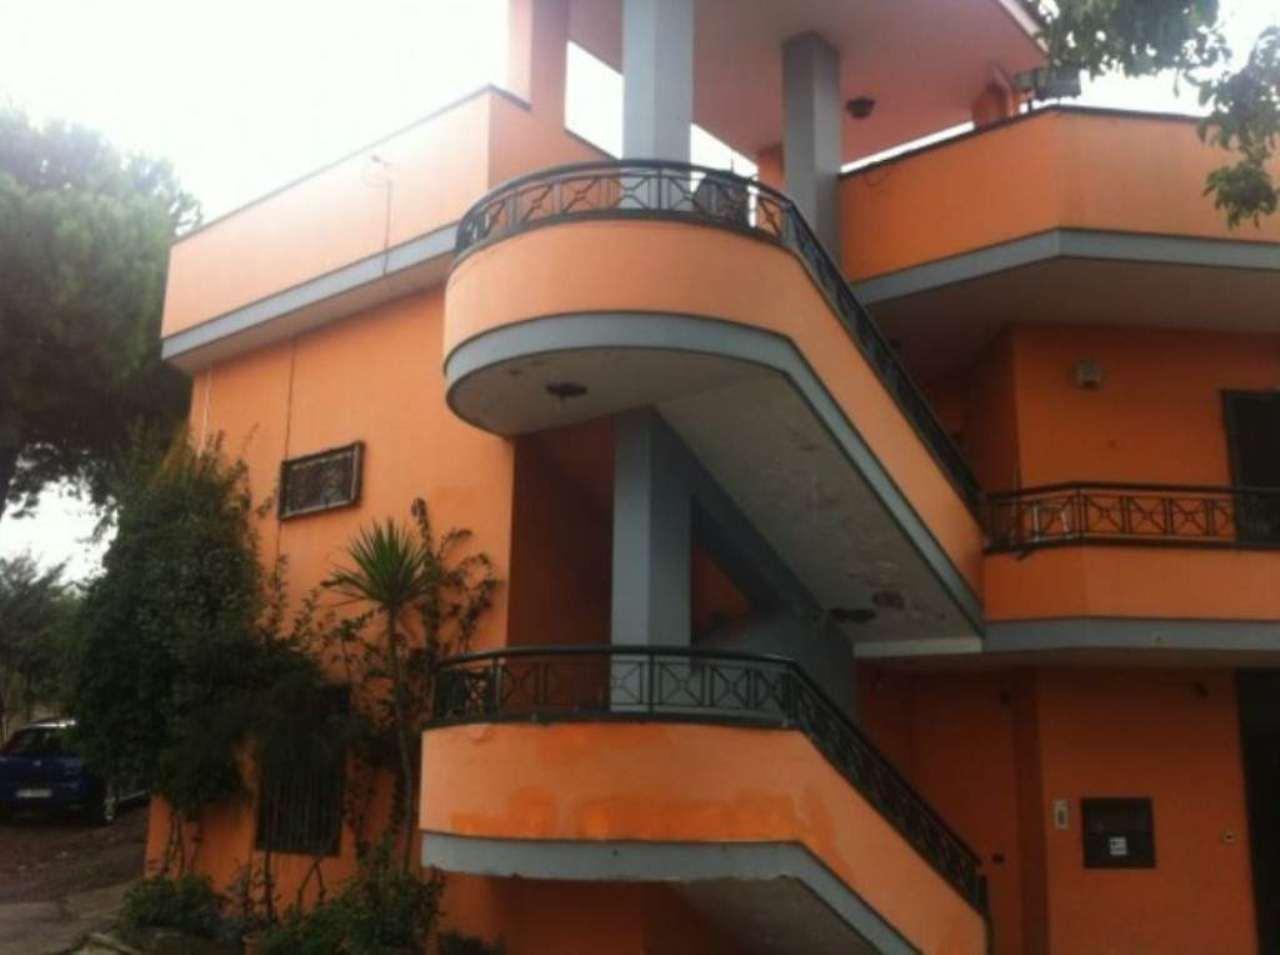 Villa in vendita a Sant'Anastasia, 5 locali, prezzo € 290.000 | CambioCasa.it